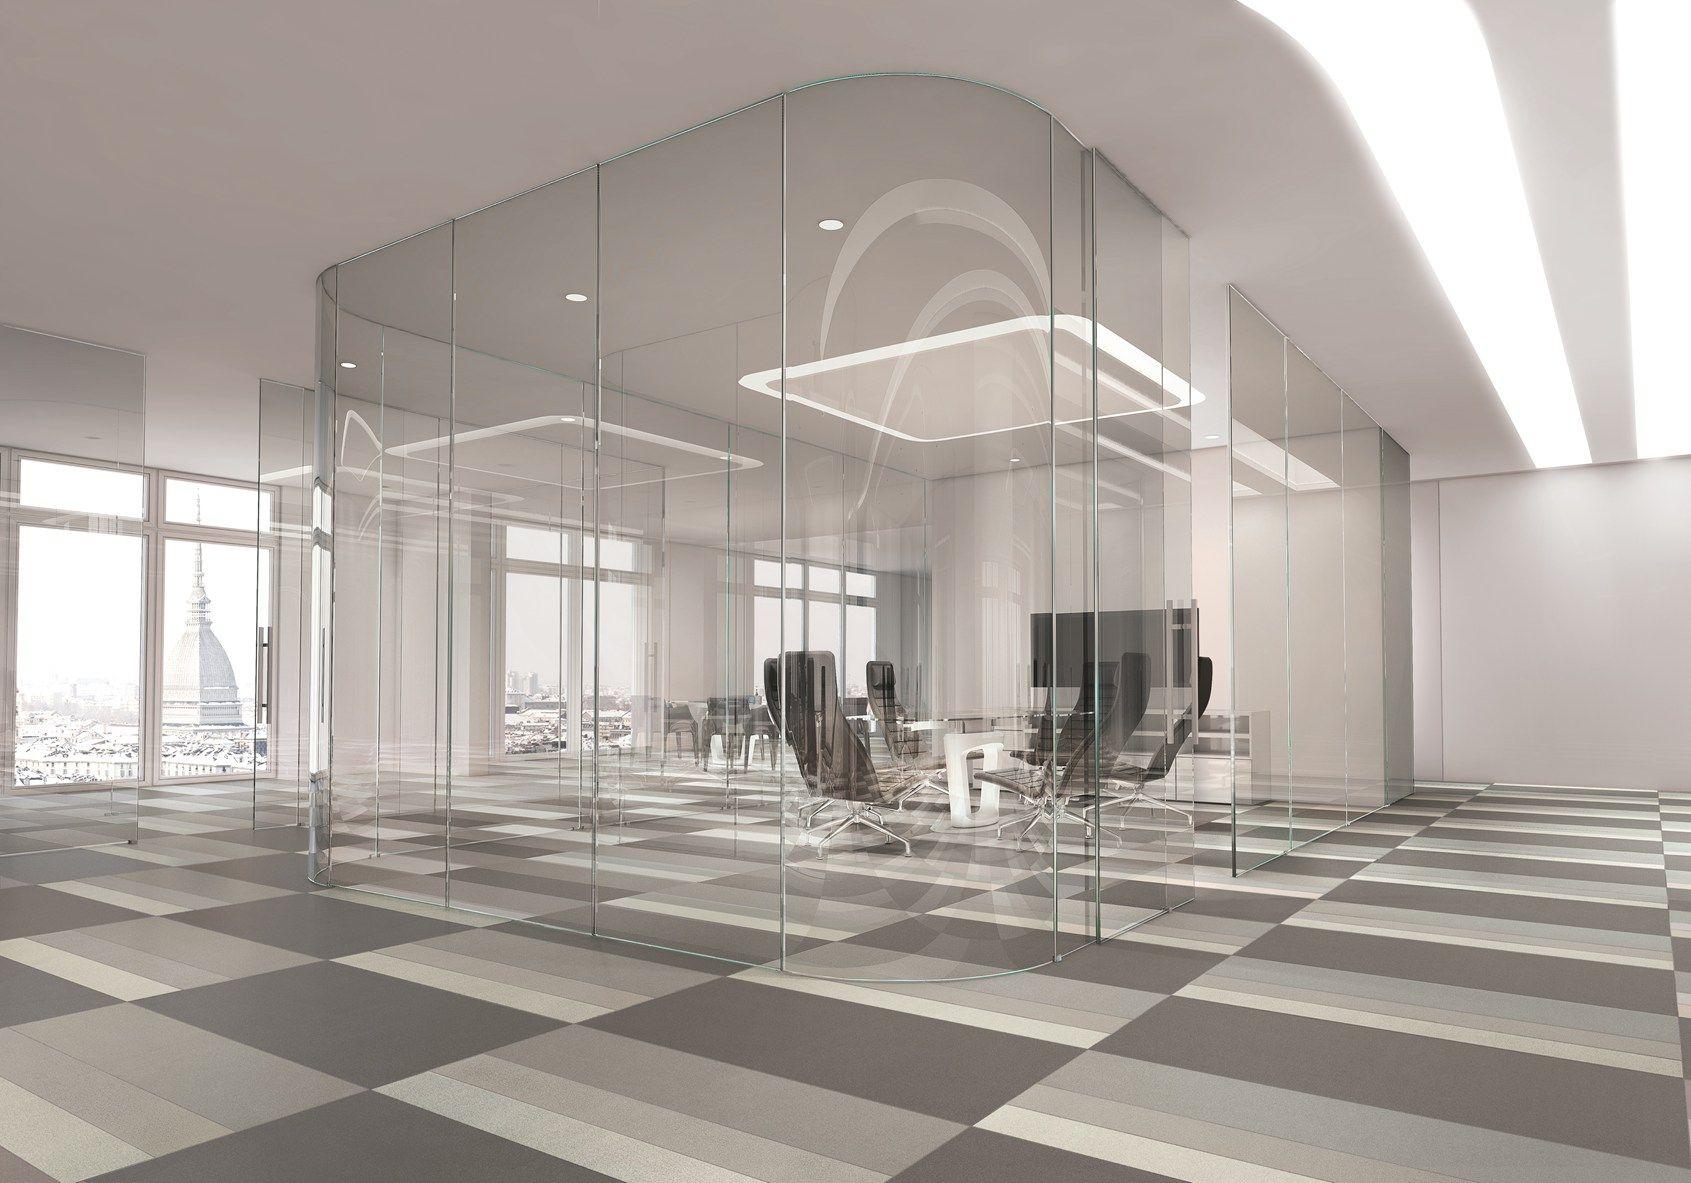 vetro pelle tessuto tre ispirazioni una collezione. Black Bedroom Furniture Sets. Home Design Ideas